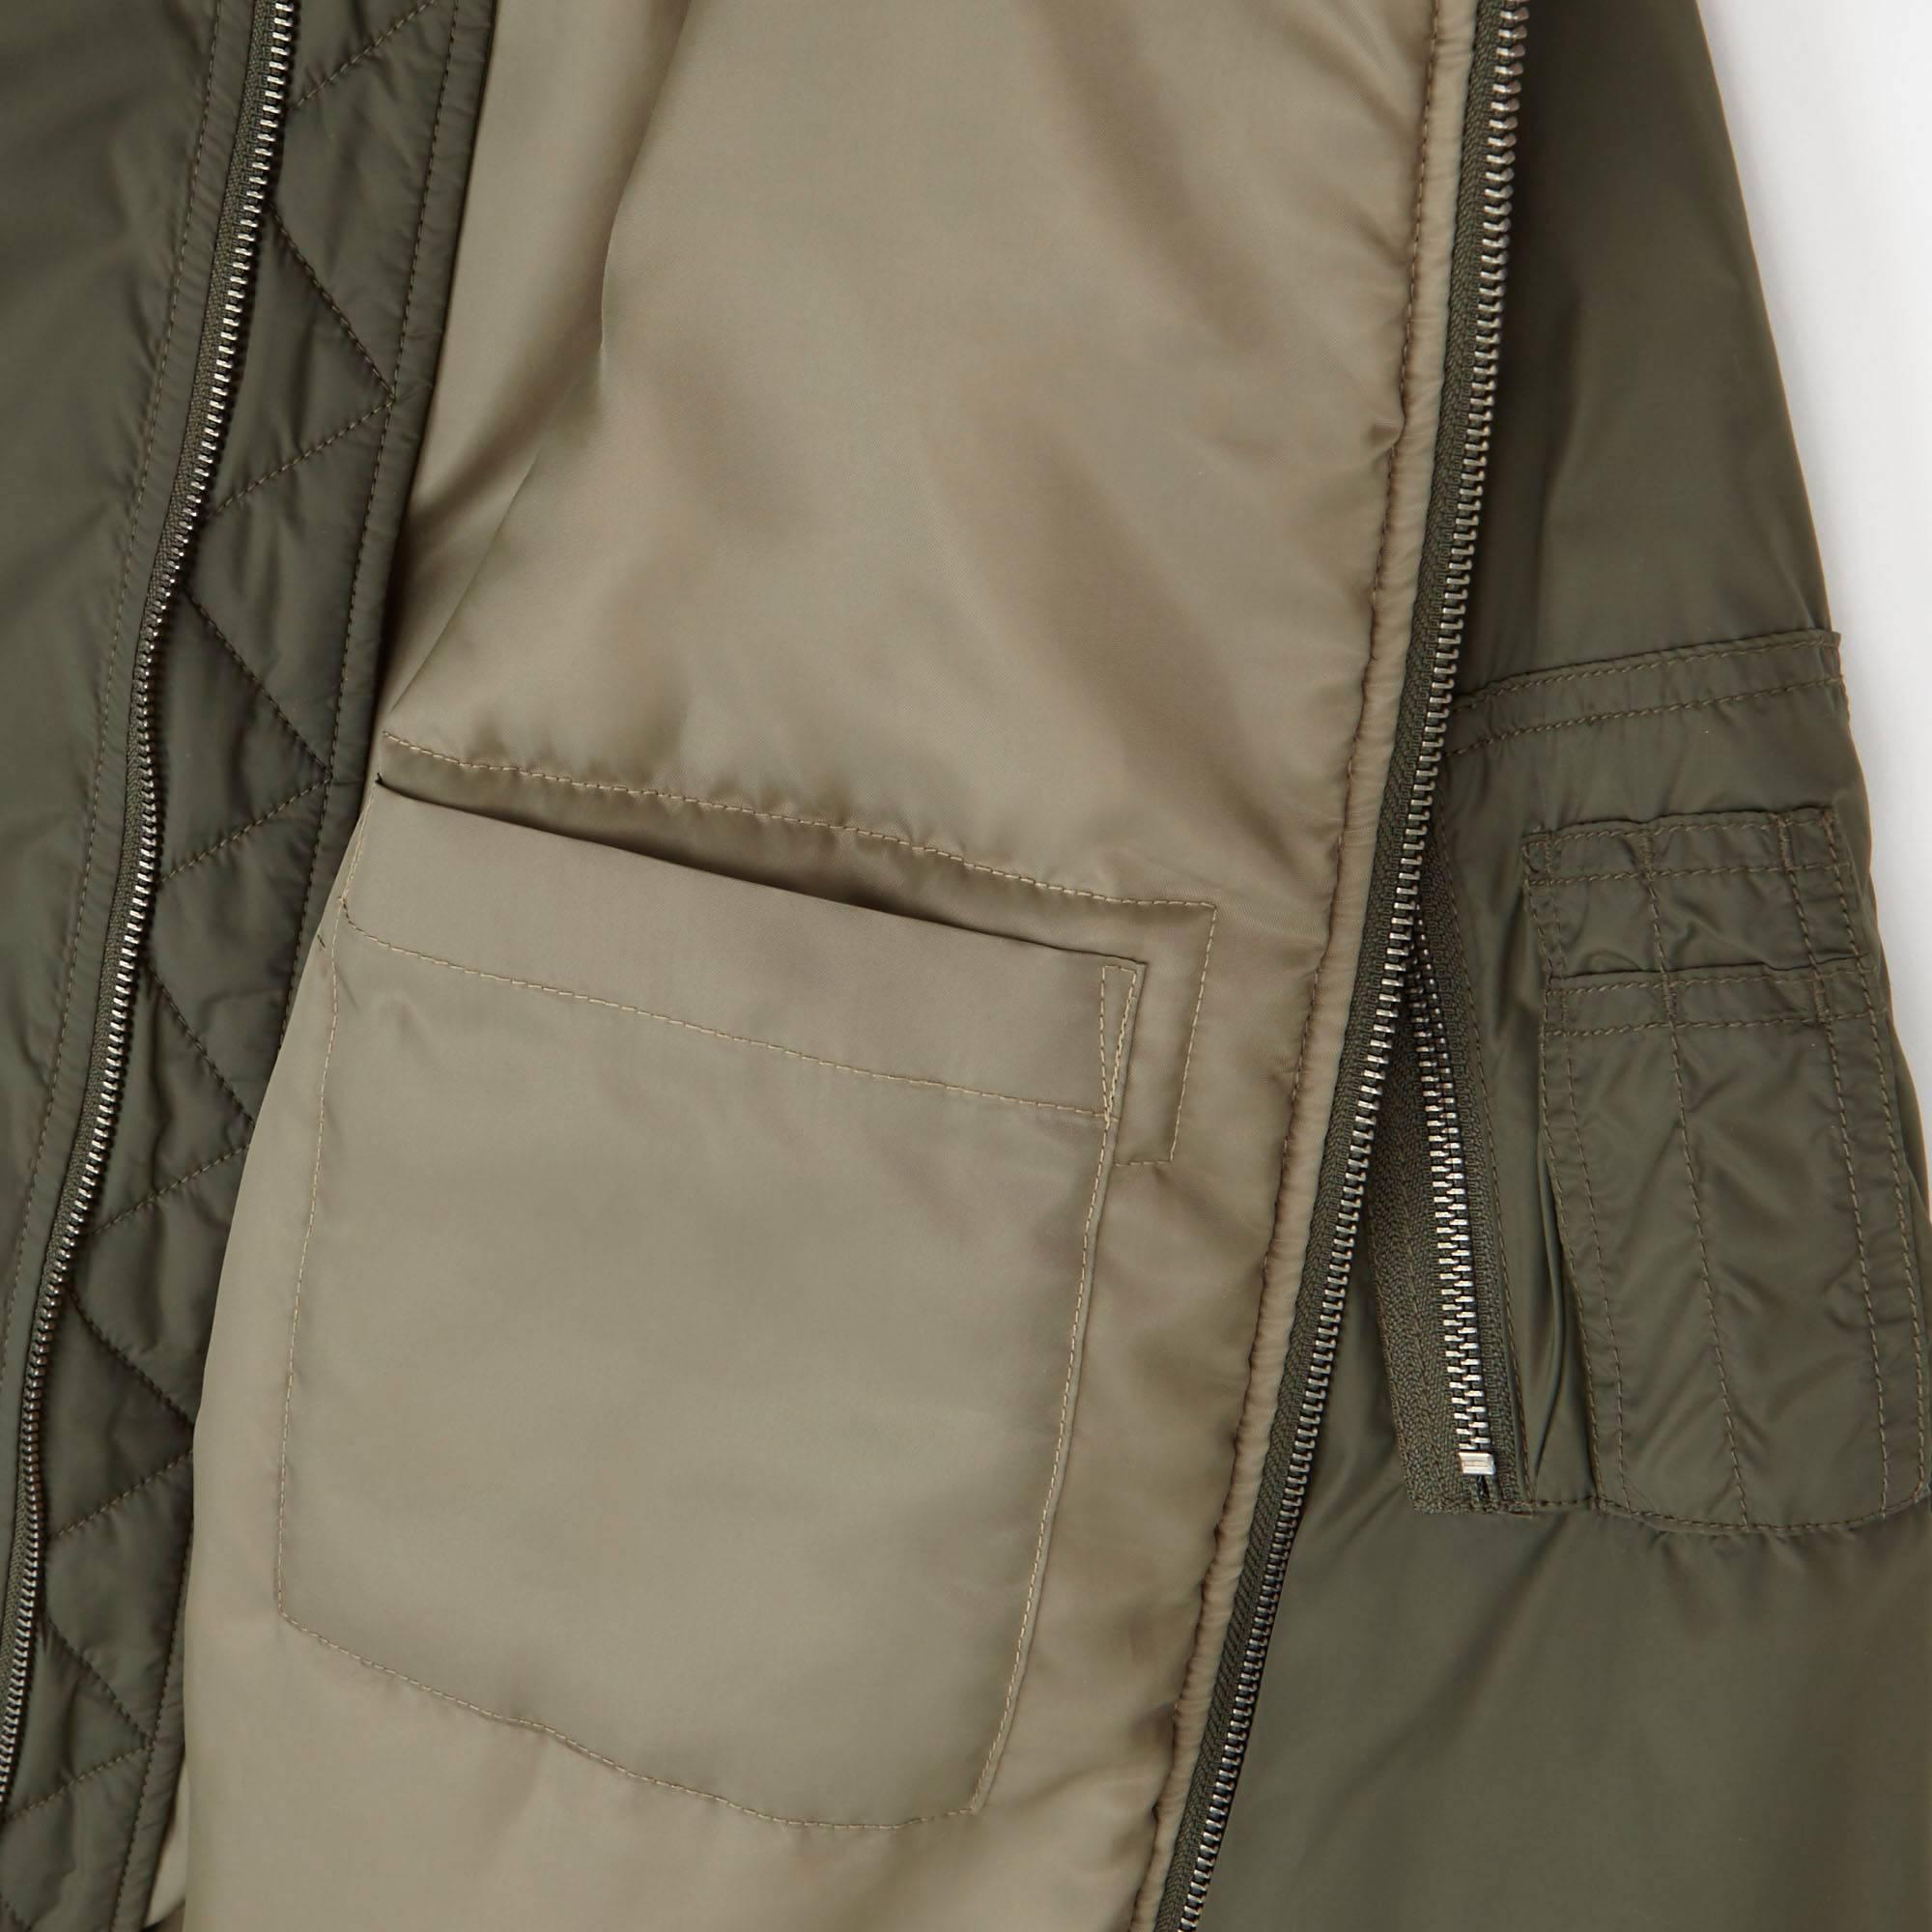 Leather jacket uniqlo - Men Ma 1 Bomber Jacket Olive Small